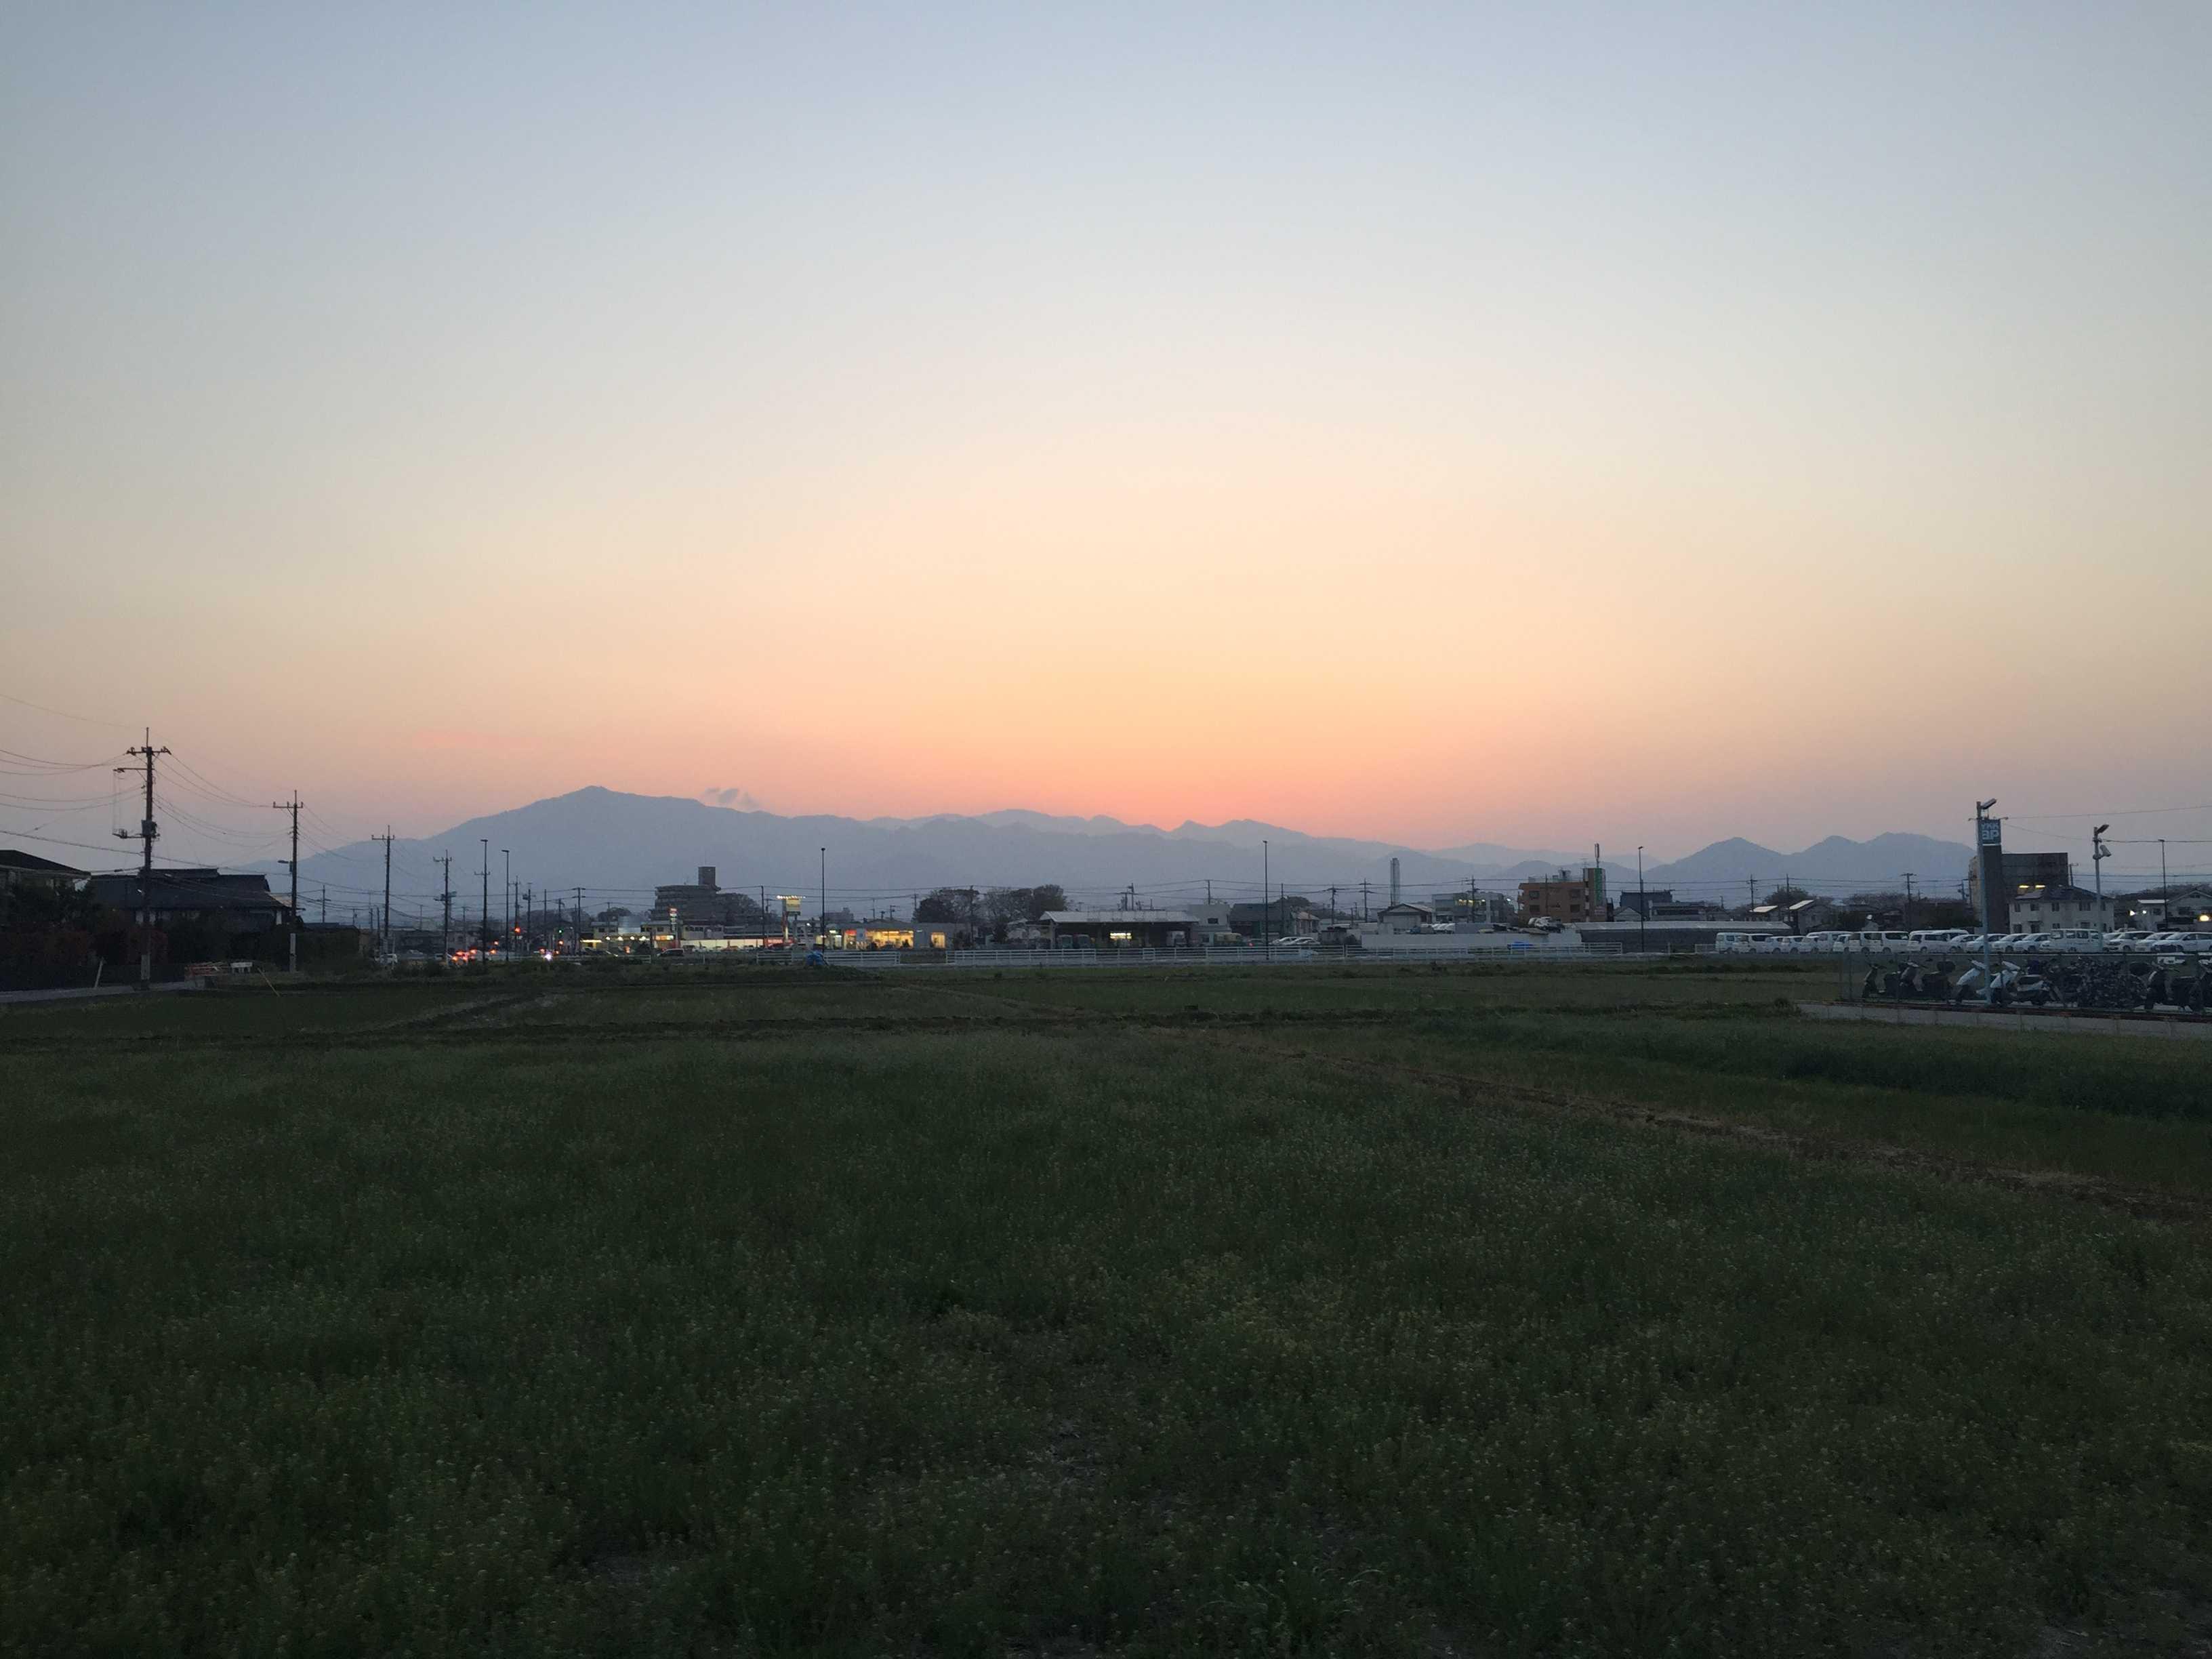 JR海老名駅前から望んだ夕暮れの大山